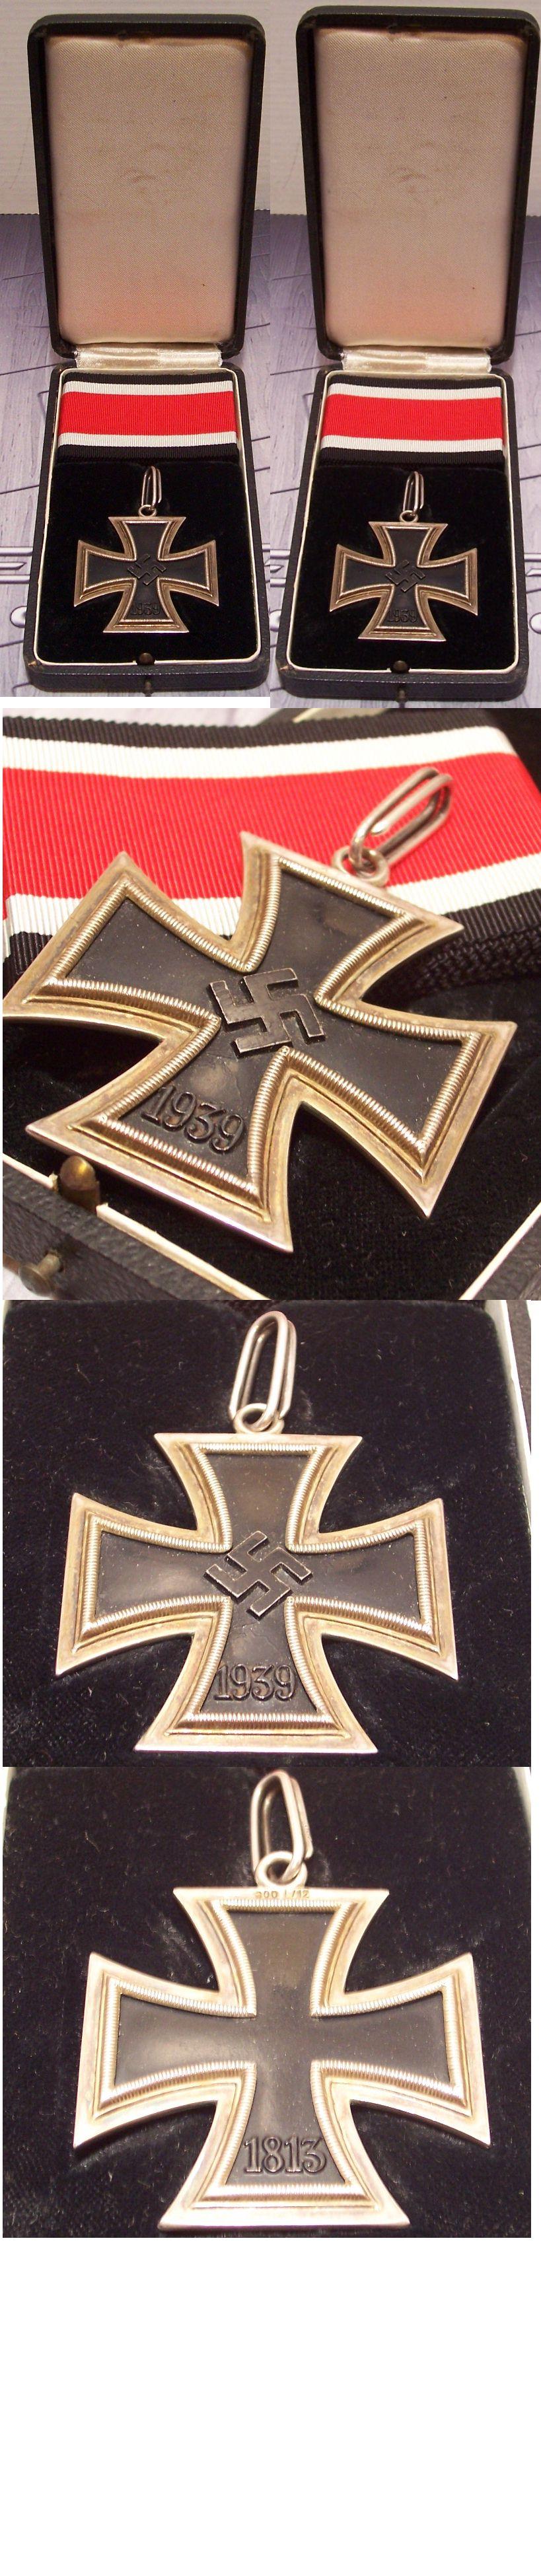 Beauty Cased 800 L/12 Knights Cross